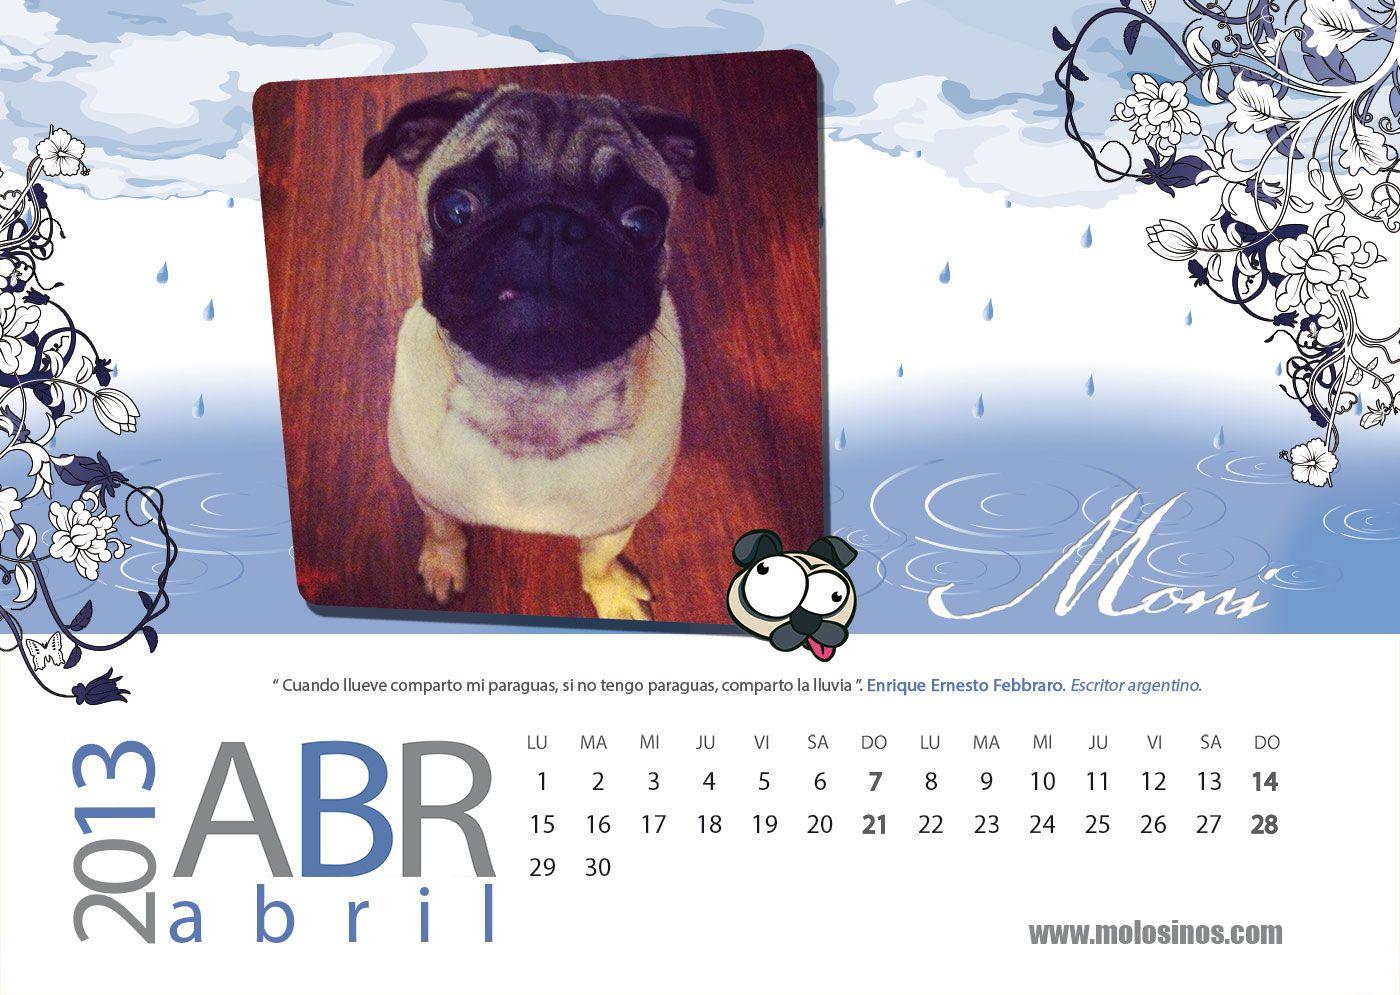 Carlino Del Mes Moni Miss Abril Foto Ganadora Del Concurso De Fotos Para El Calendario 2013 En Molosinos Carli Pugs Animal De Compañia Concurso De Fotos